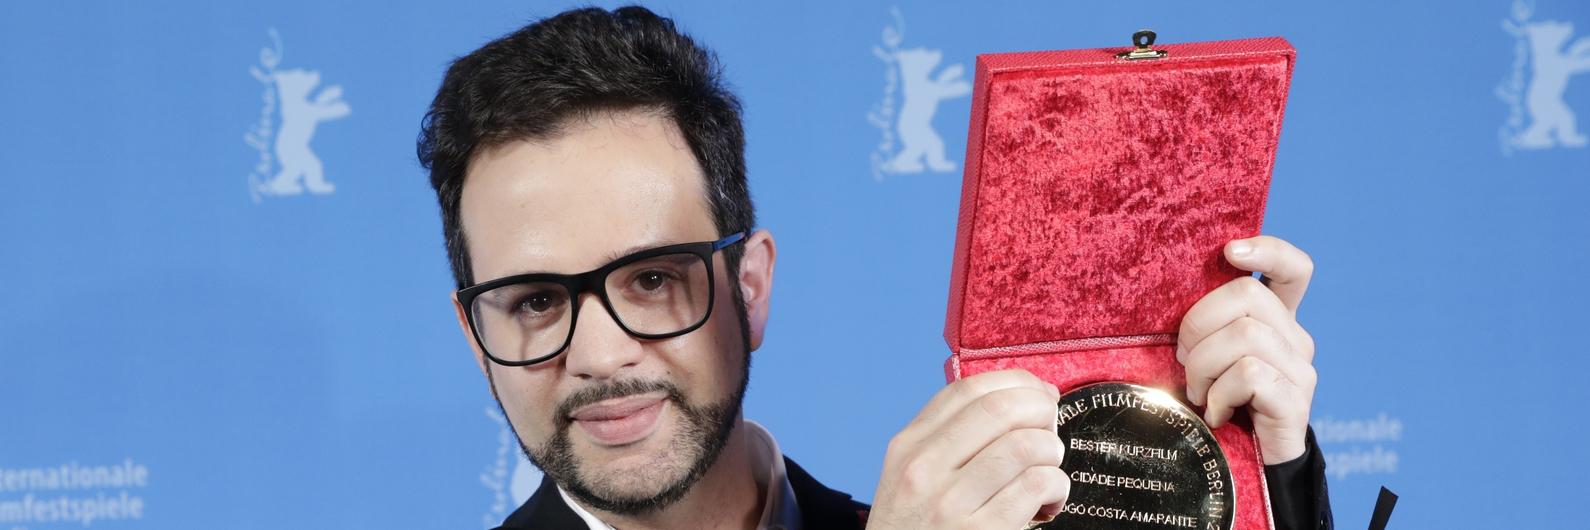 """Diogo Costa Amarante e os apoios públicos ao cinema: """"É um jogo completamente viciado"""""""